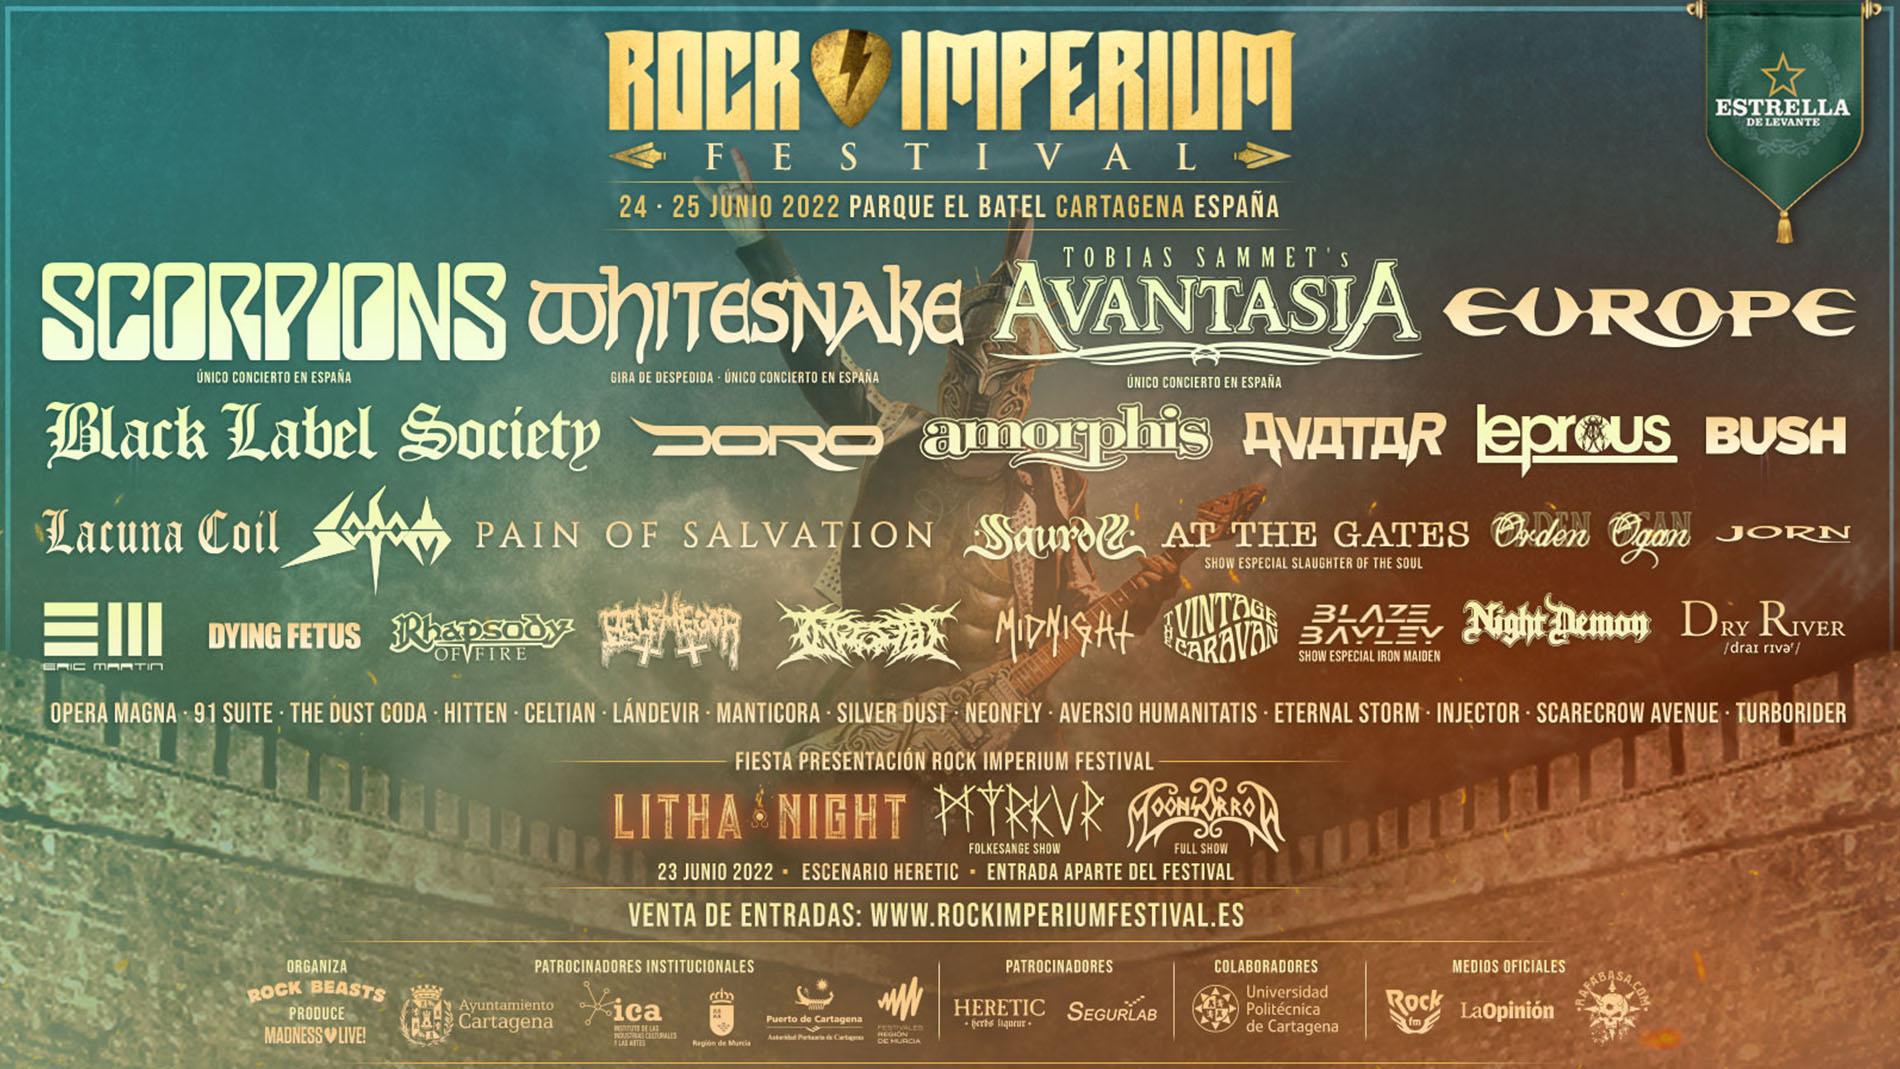 Rock Imperium Festival  24 y 25 de junio de 2022 en Cartagena (España)  Rif-new-es